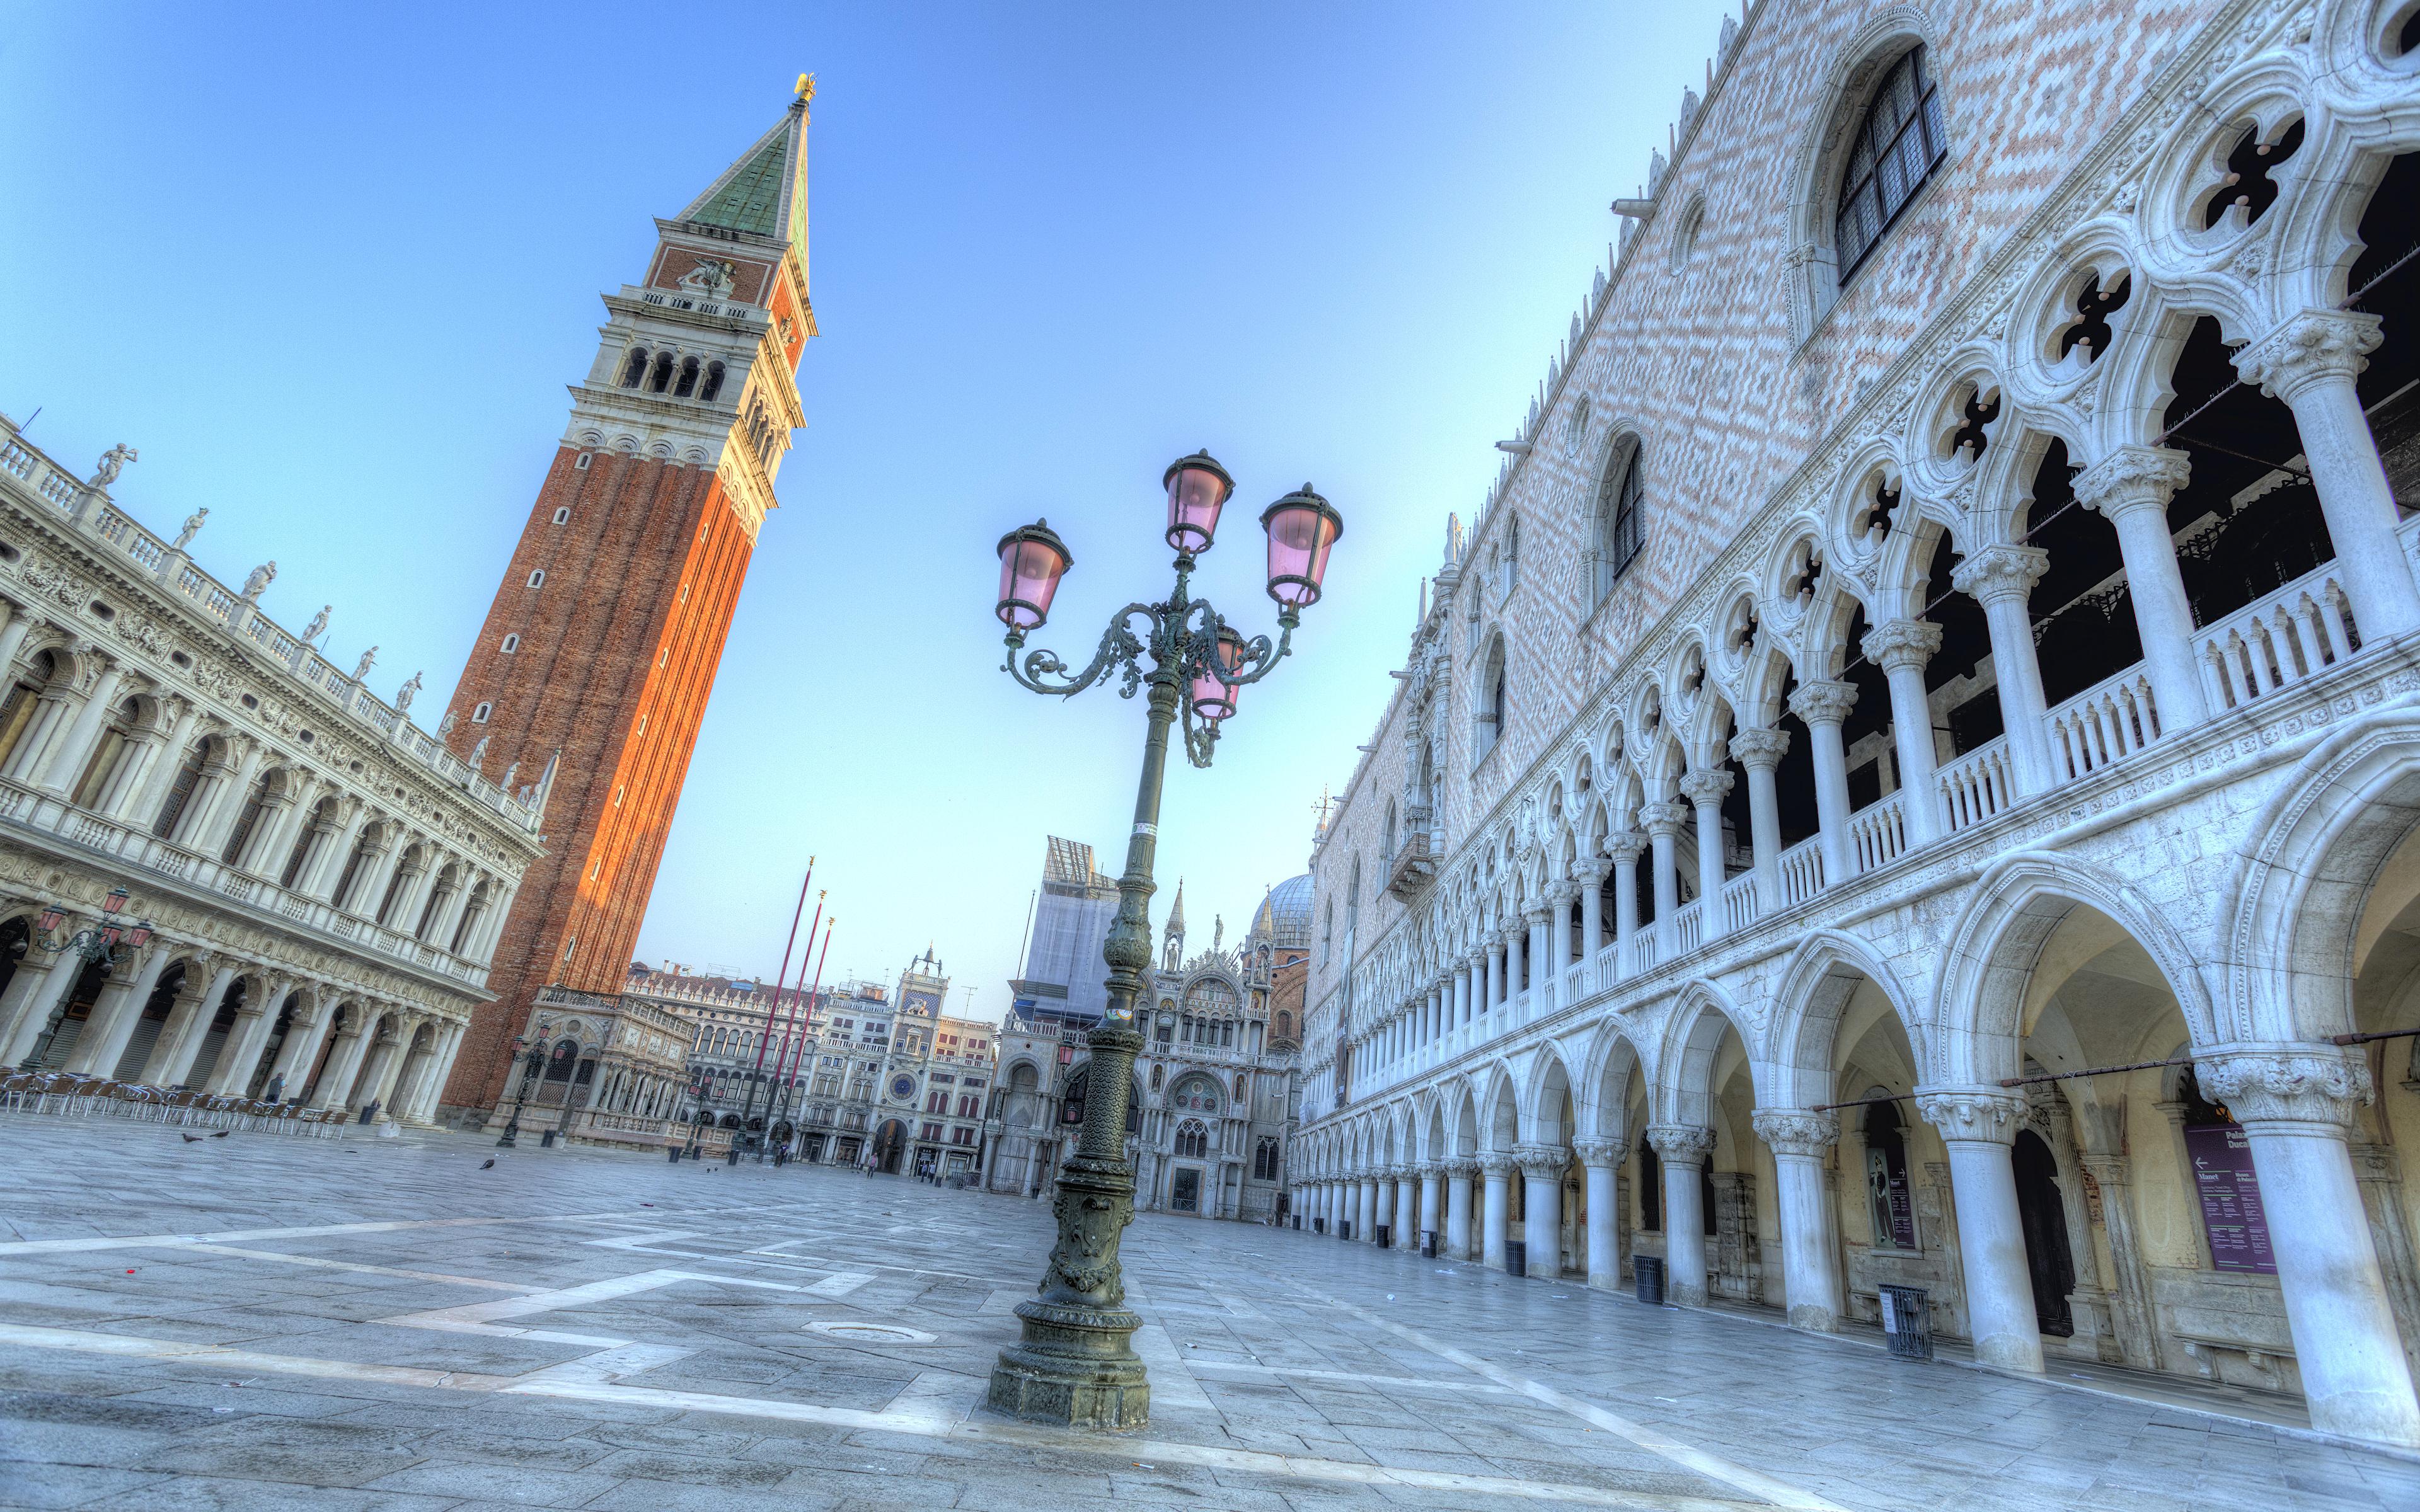 Обои piazza san marco, venice, italy. Города foto 8